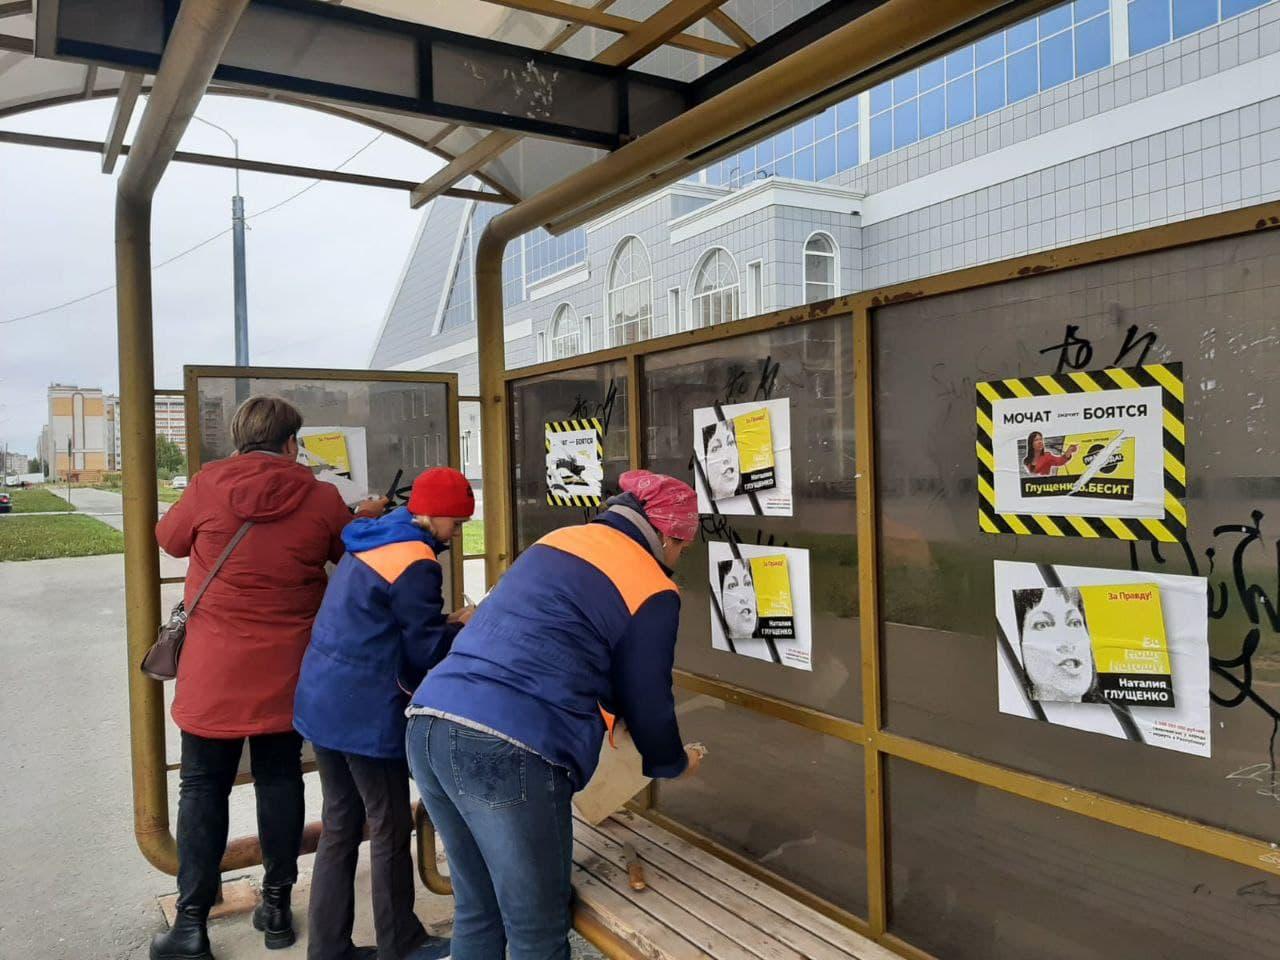 Кандидат в депутаты Госдумы Глущенко испортила городское имущество